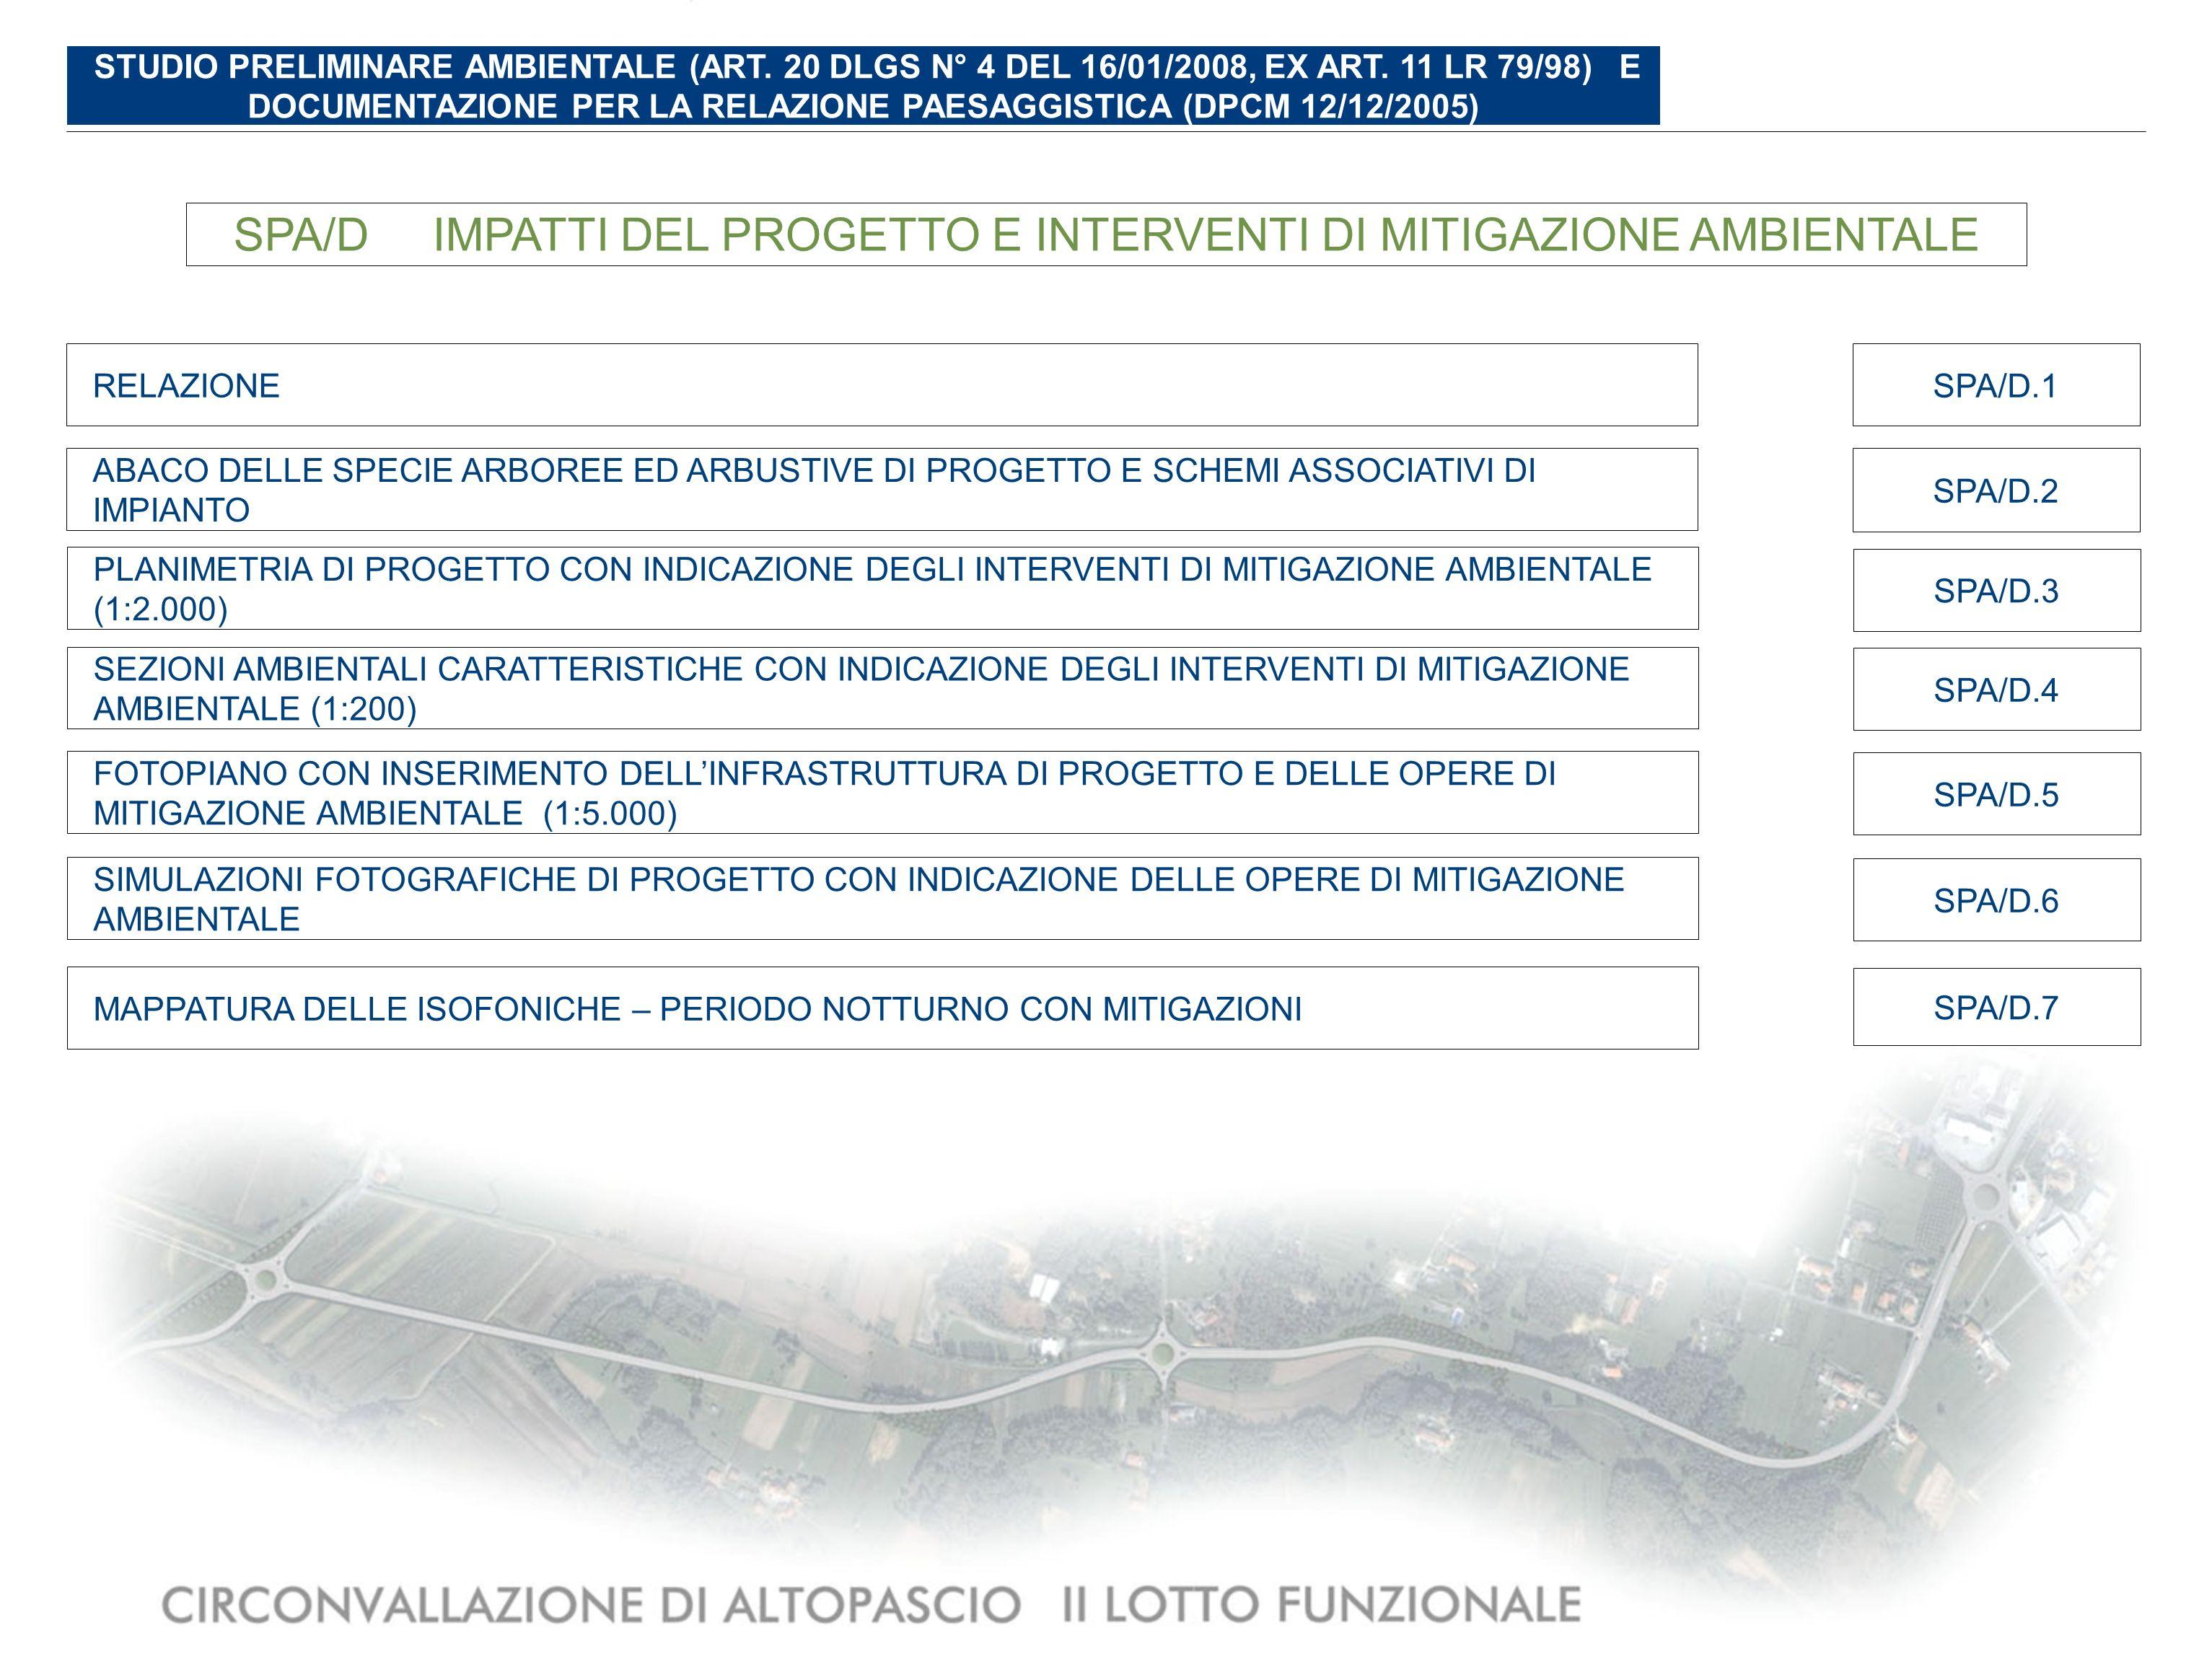 ALLEGATO 1 – STUDIO DI FATTIBILITA PROPEDEUTICO ALLA PROGETTAZIONE DEL III LOTTO FUNZIONALE COROGRAFIA – SISTEMA DELLA TANGENZIALE DI ALTOPASCIO ALL.1/1.1 COROGRAFIA – III LOTTO FUNZIONALE ALL.1/1.2 STRALCIO P.A.I.